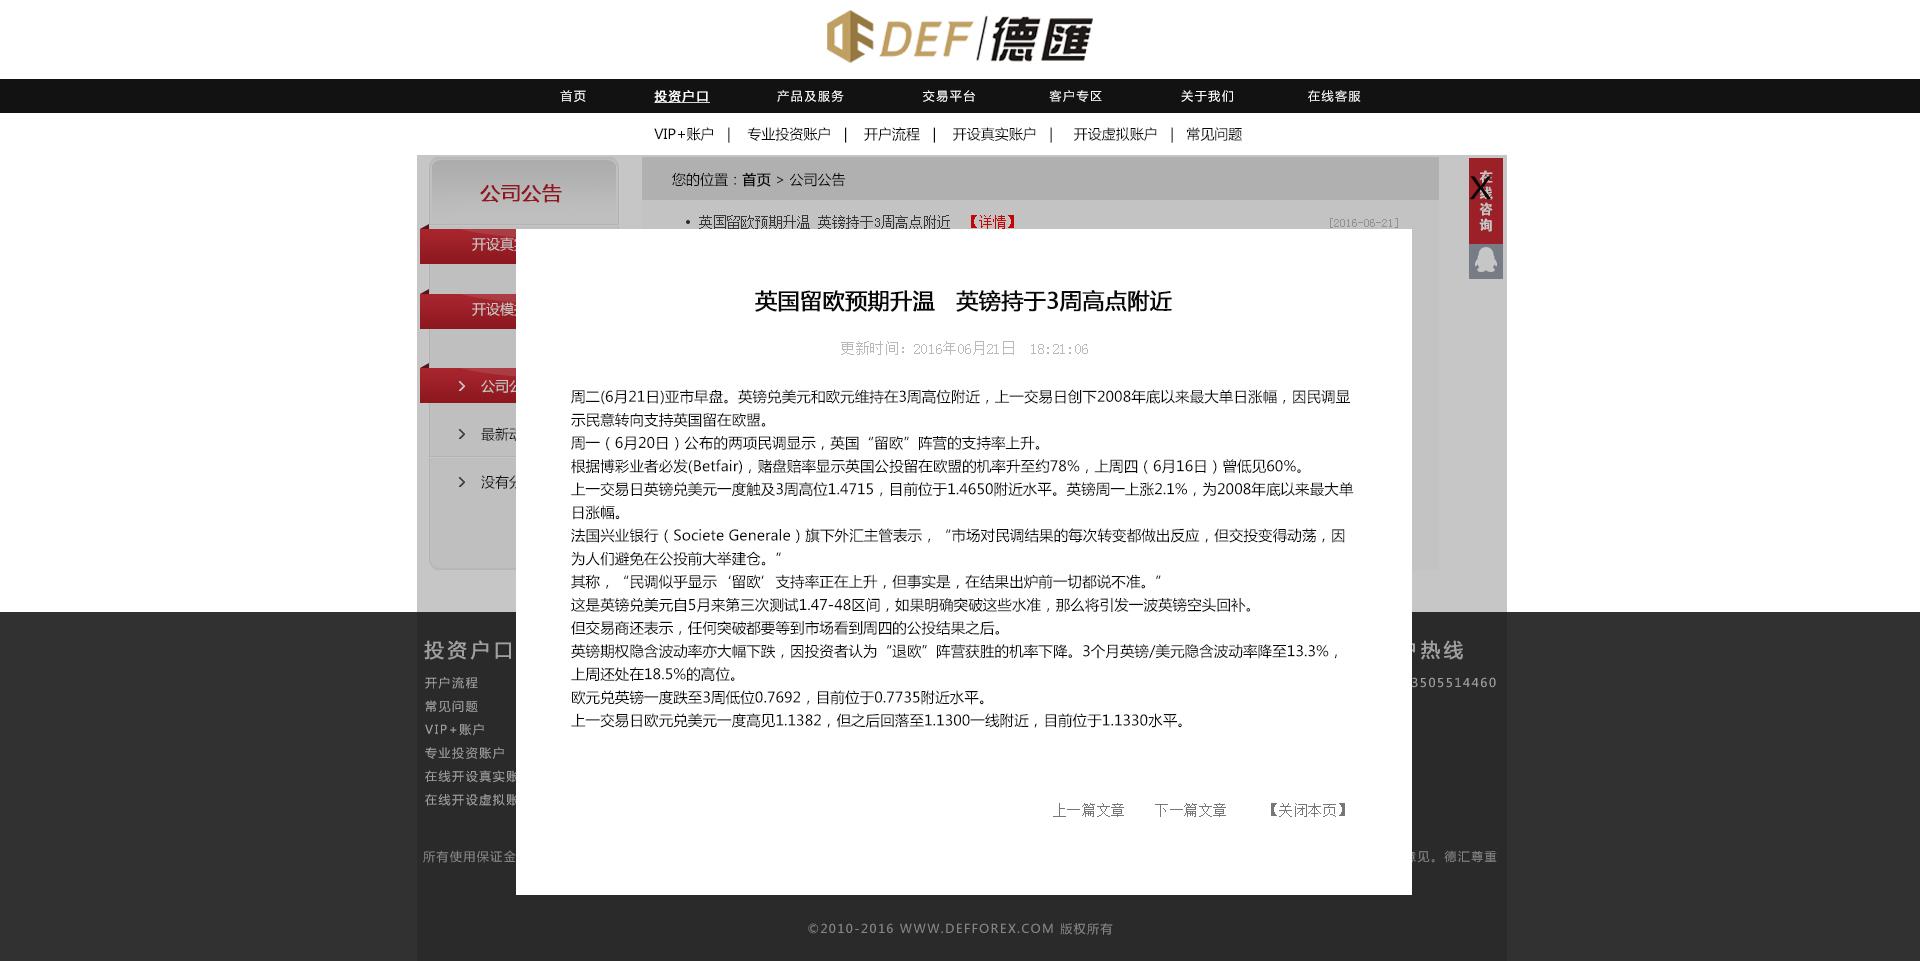 网站-列表1.jpg 德汇,全球在线交易系统UI设计(无锡)  第2张